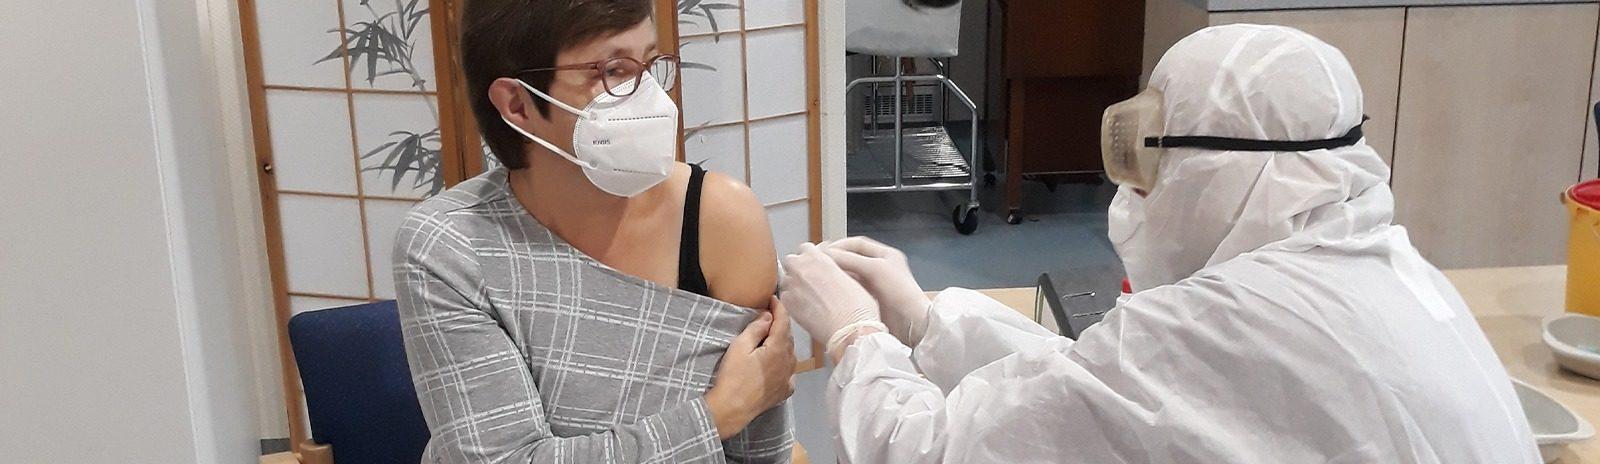 Haus_am_Brühlpark_Impfung_slider